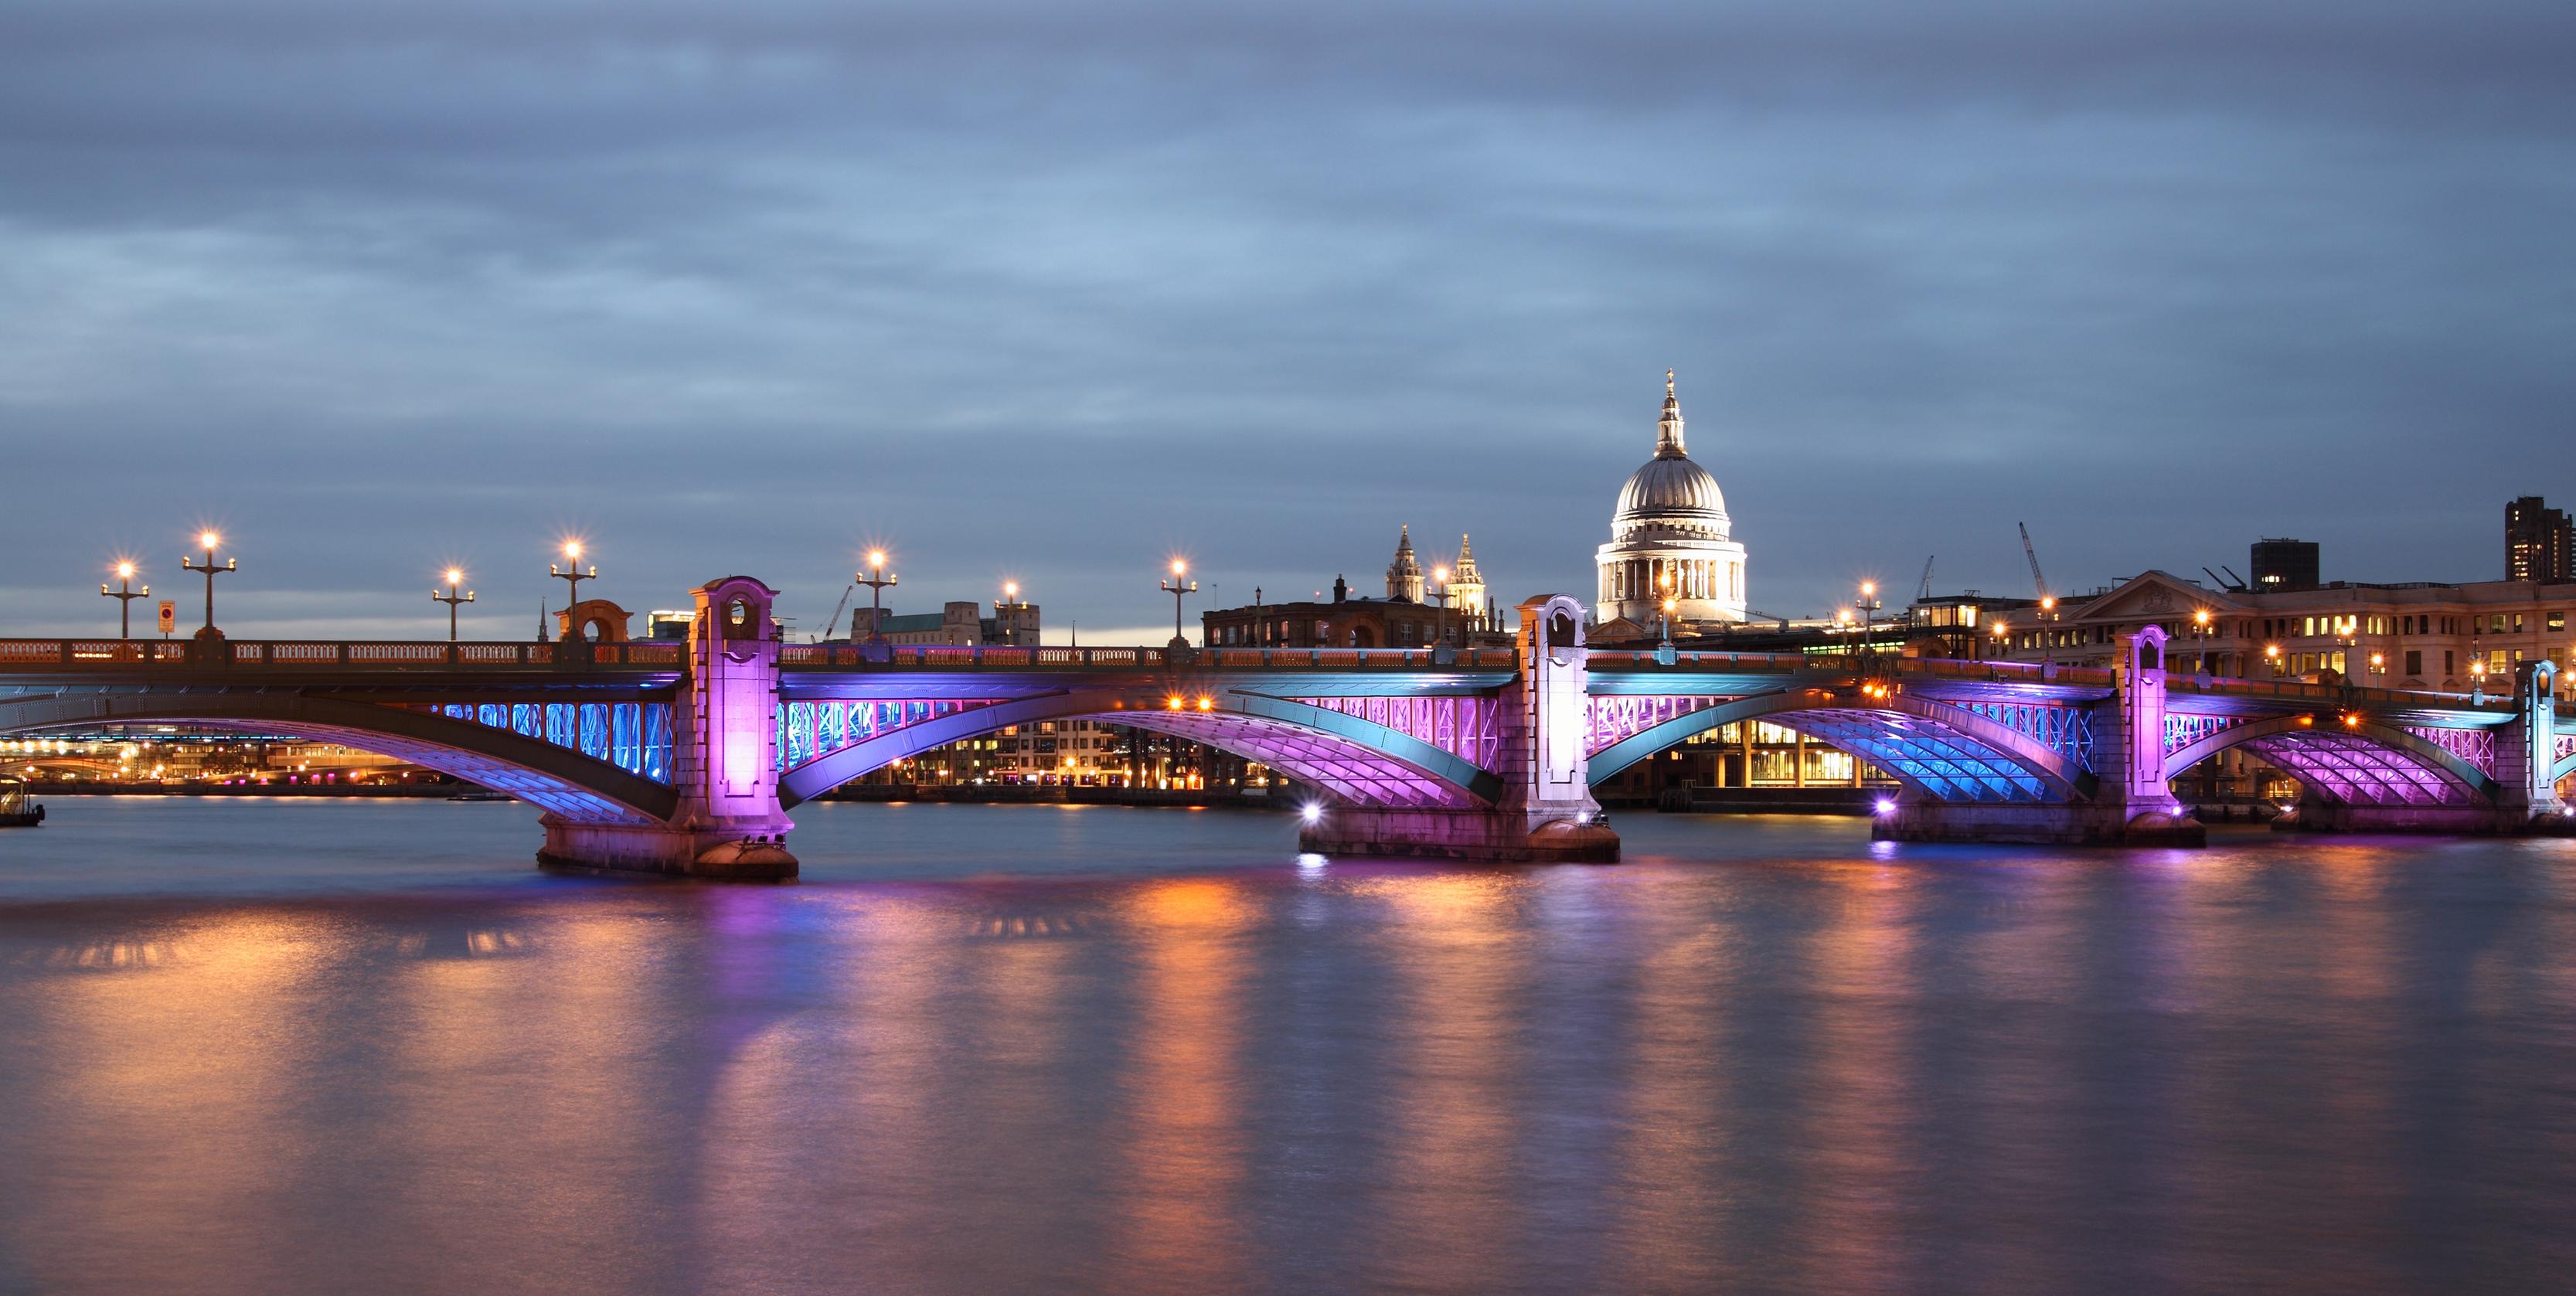 the-iconic-illuminated-Thames-scenery